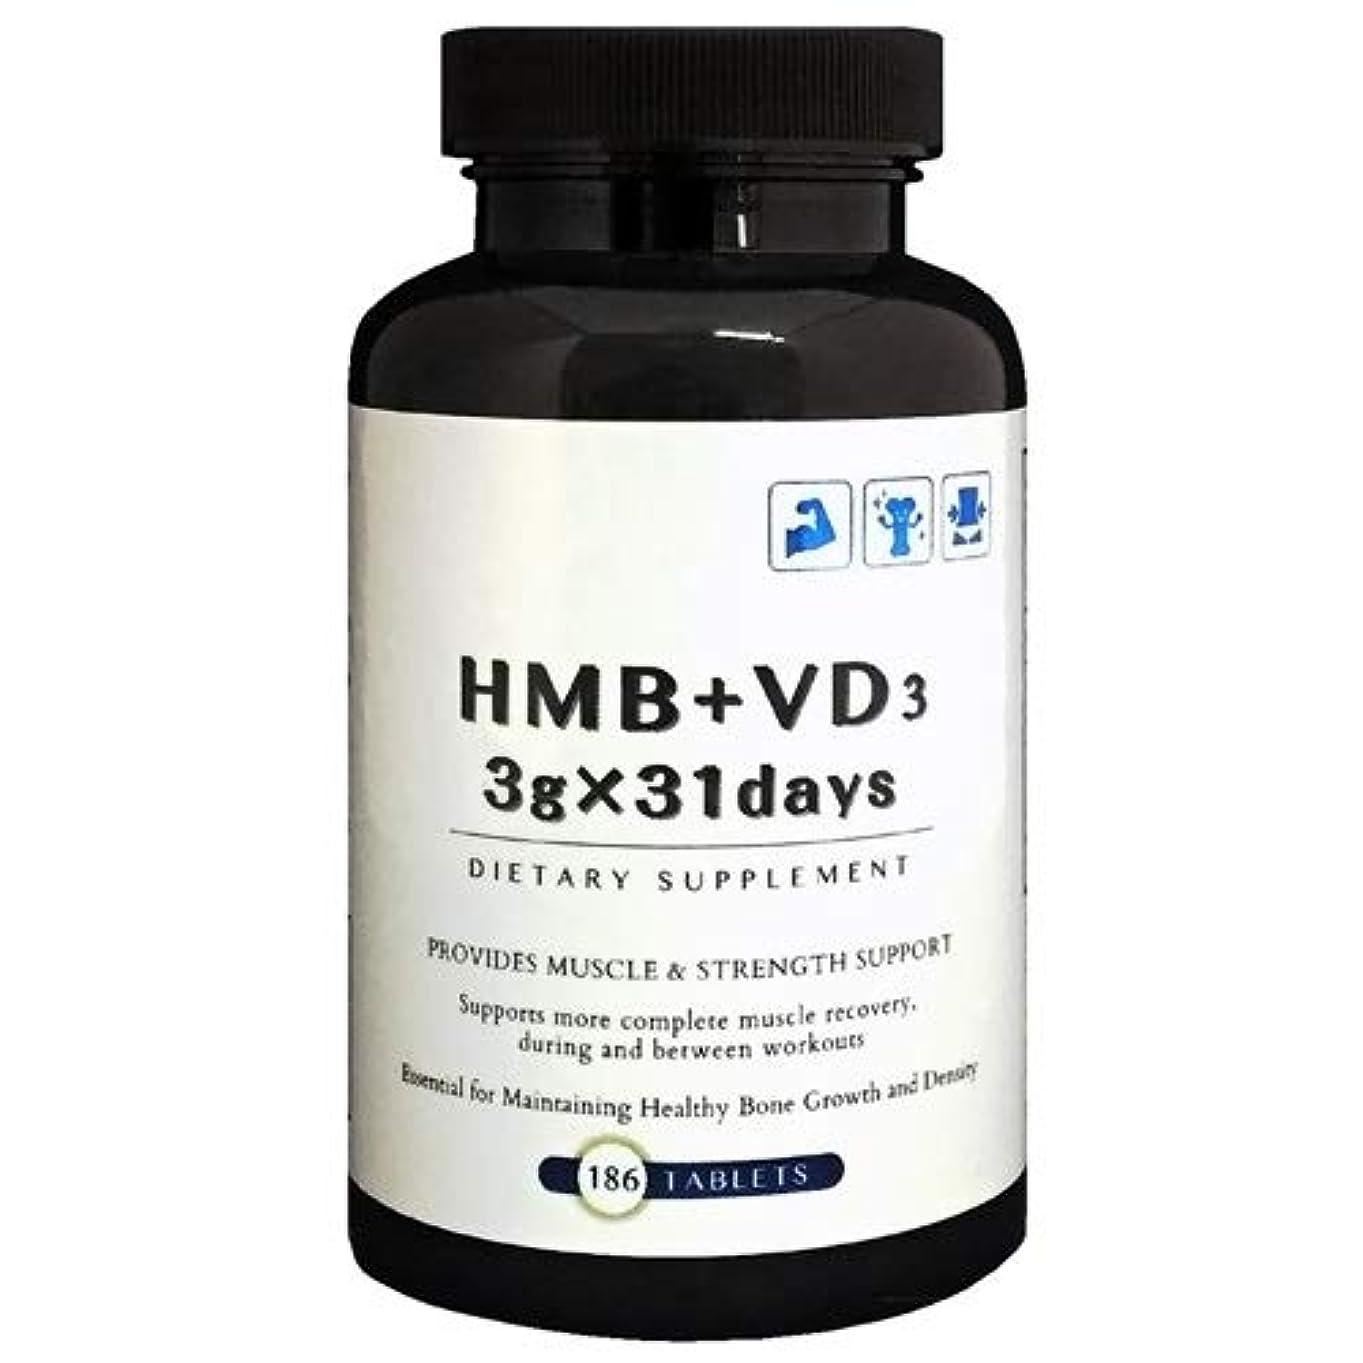 手綱導出広がりHMB+VD3(ビタミンD3) 3g×31日分 186粒 HMB93,000mg ※プラスチックボトル[海外直送品]